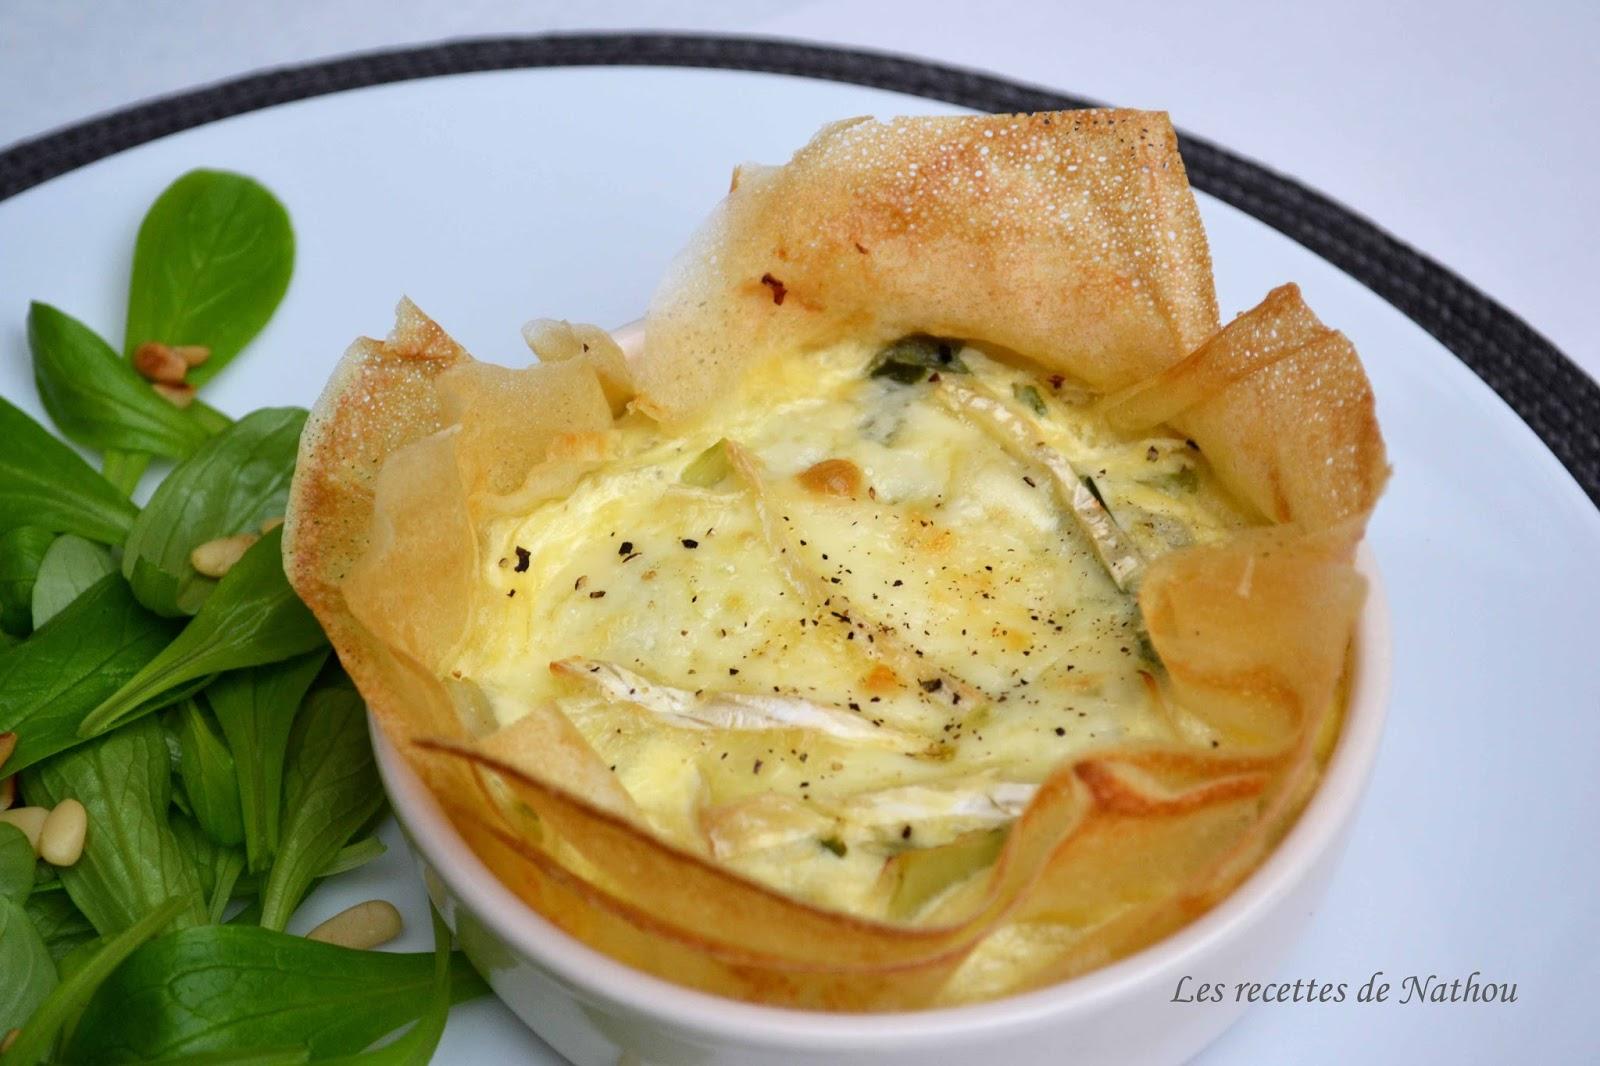 Ma cuisine au fil de mes id es tartelettes en feuilles for Idee d entree rapide